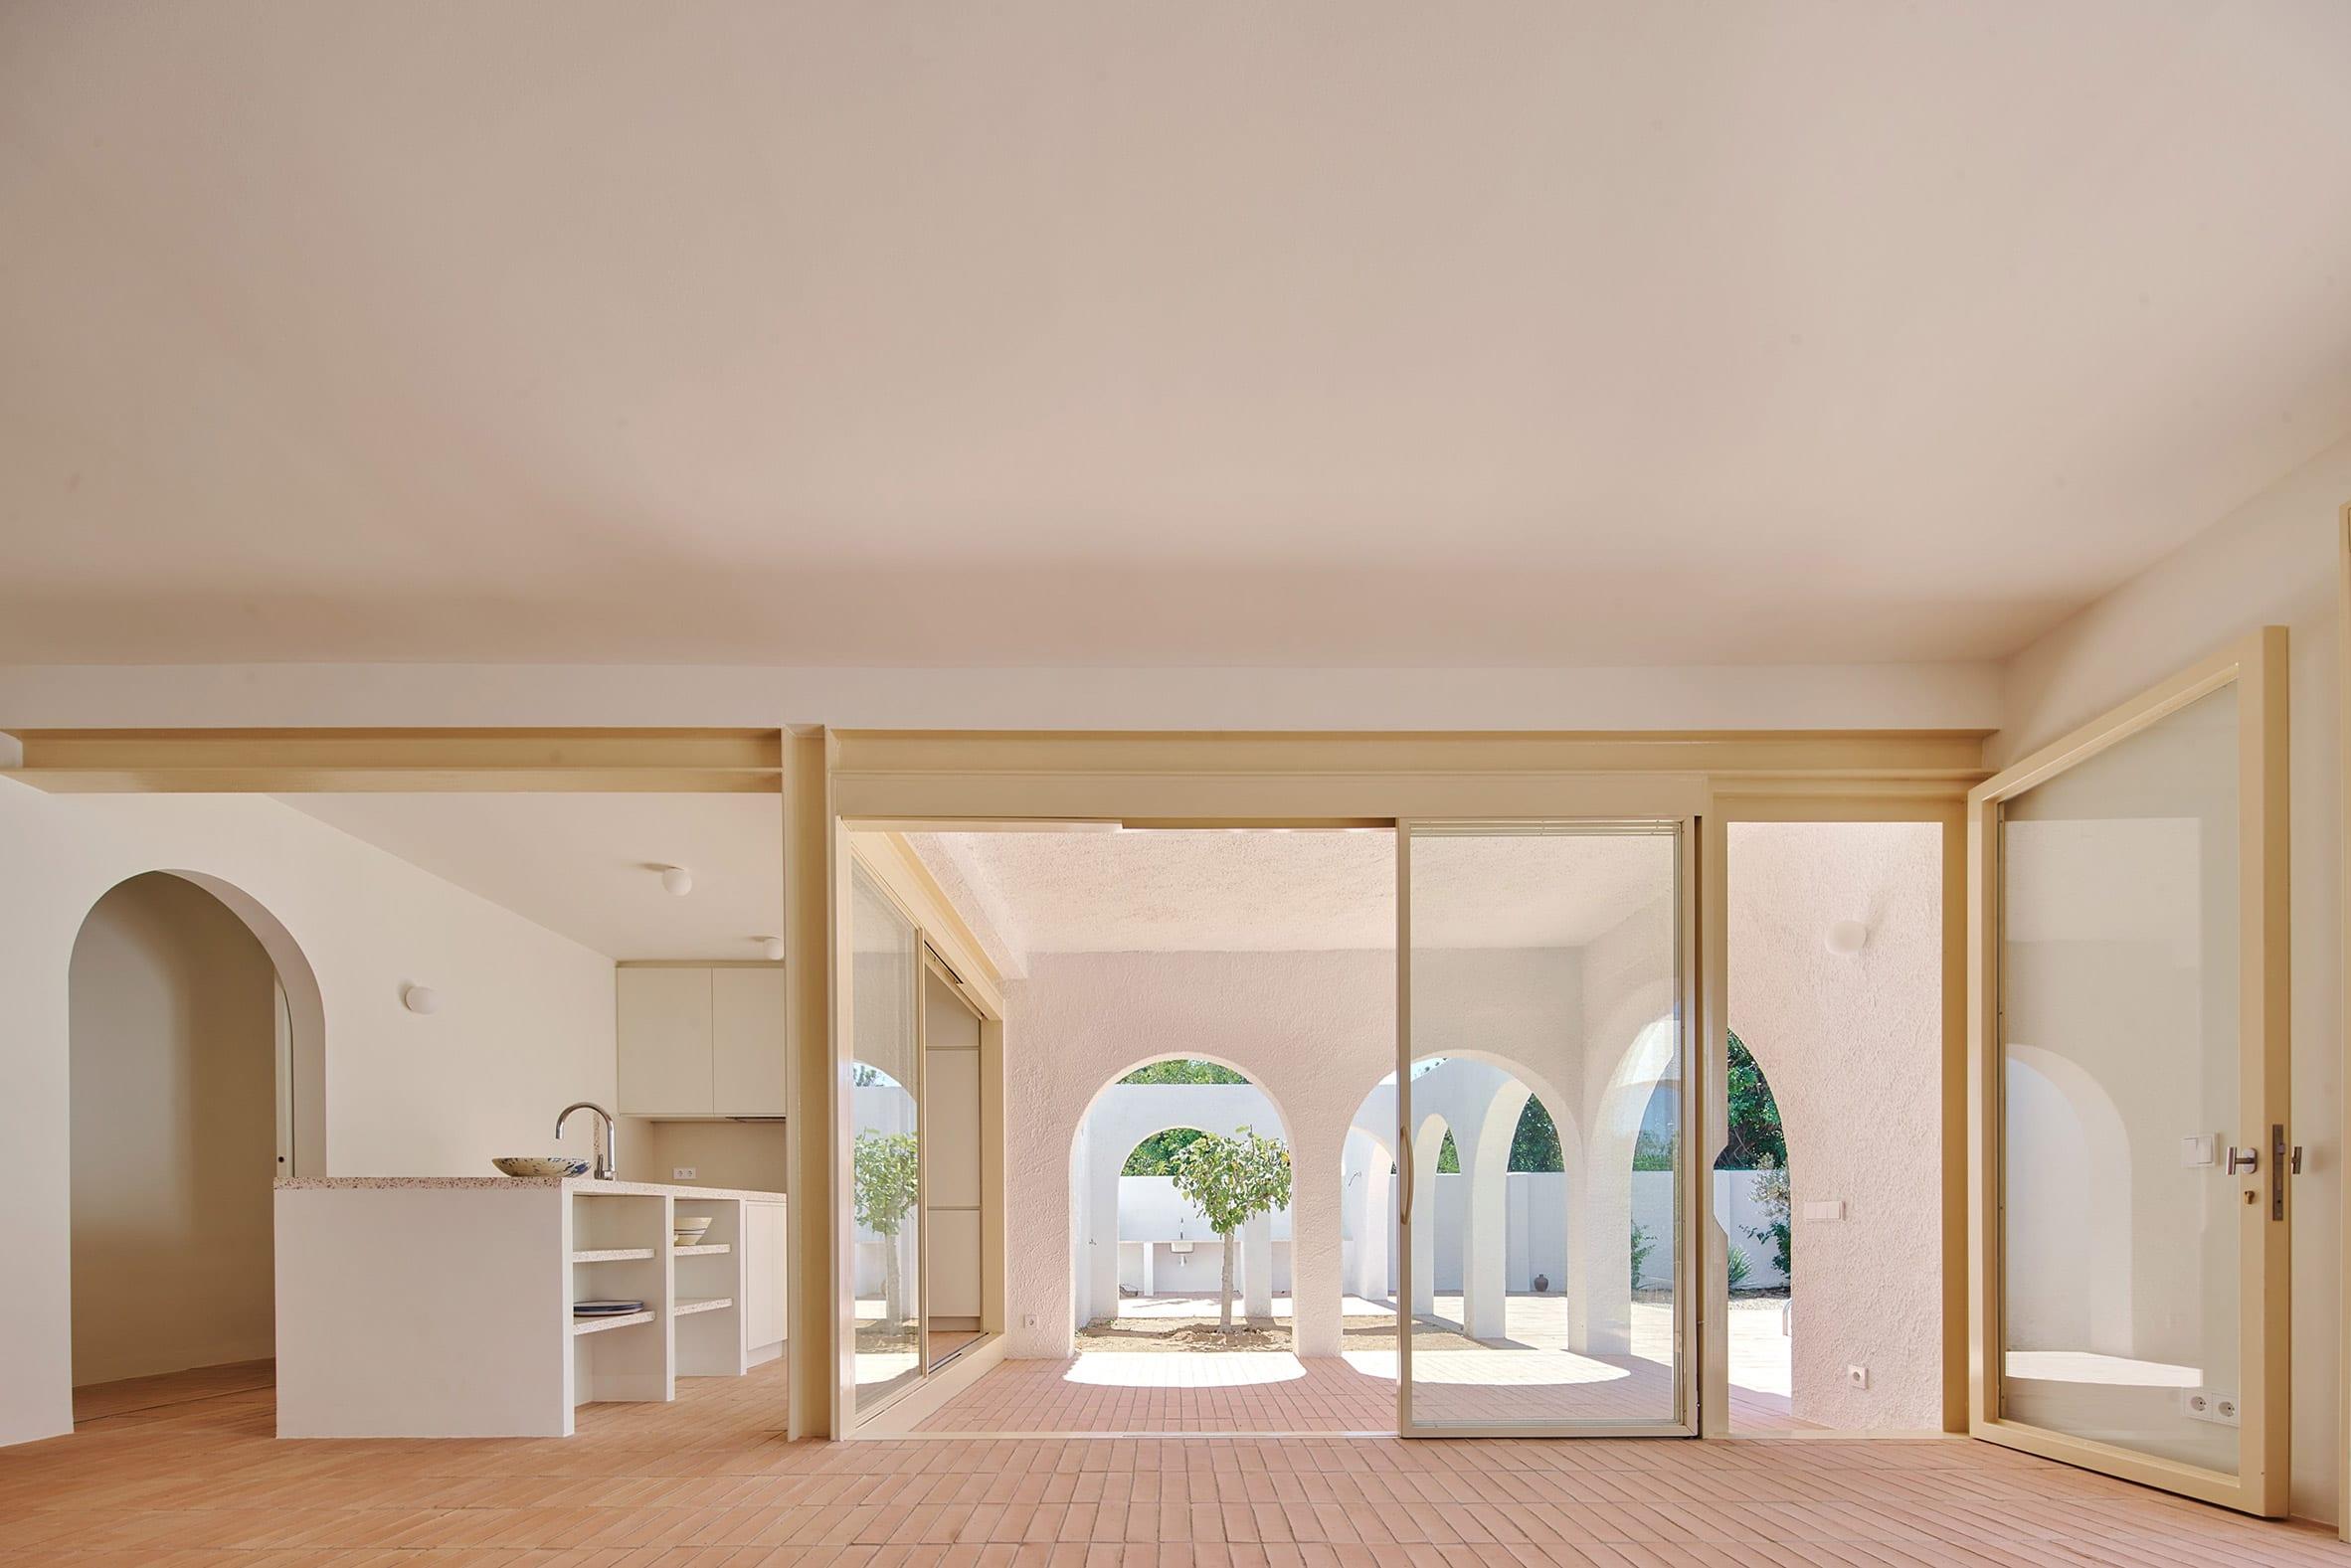 Glass doors open up to merge the indoor and outdoor